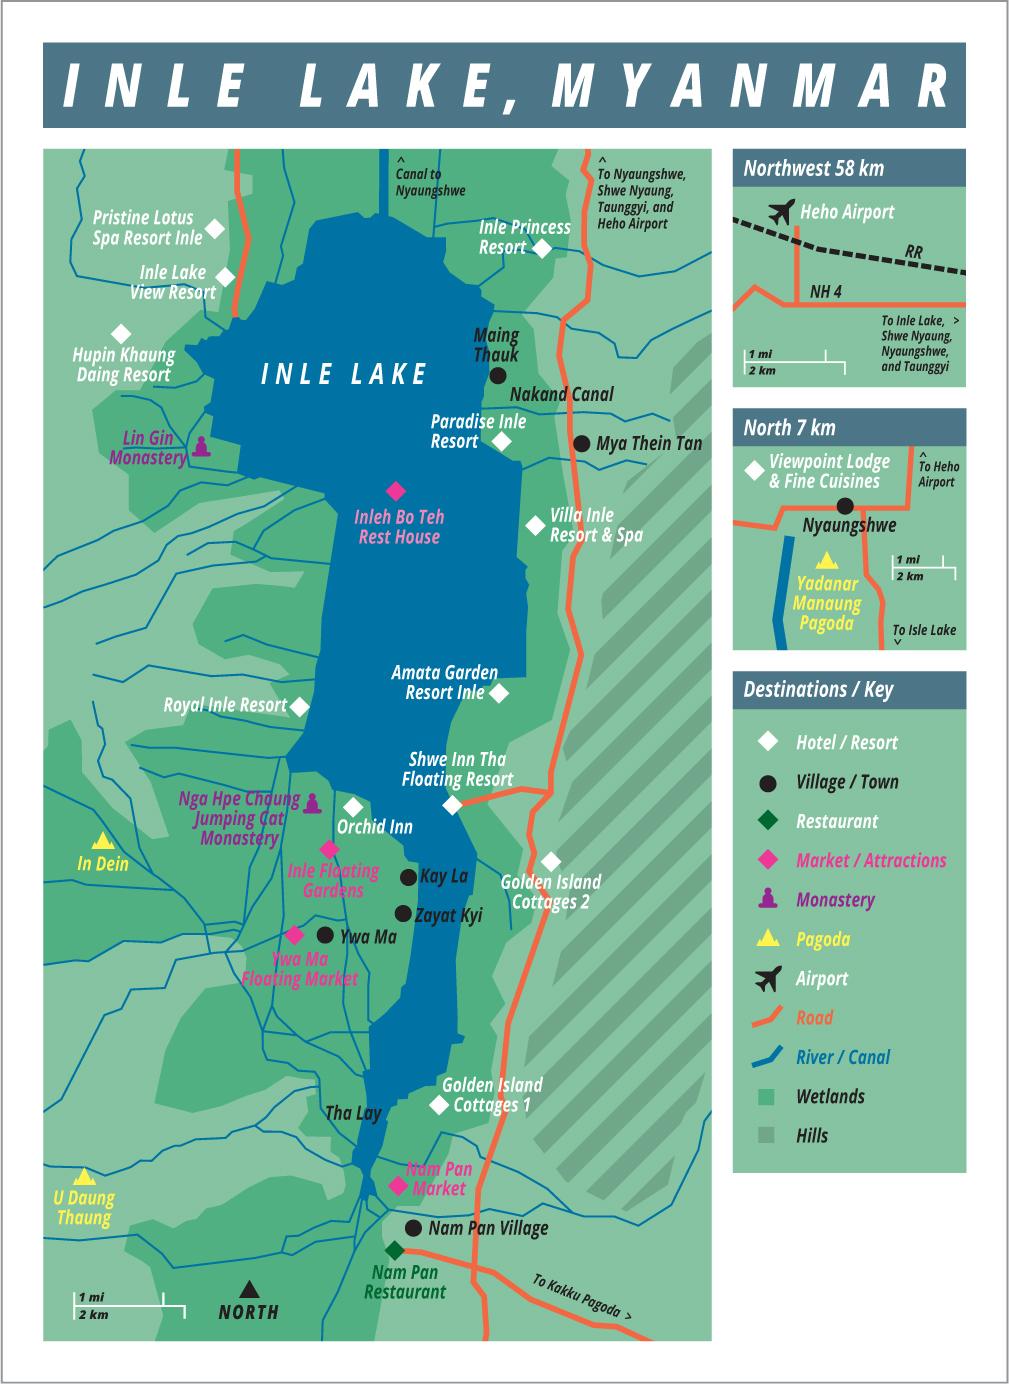 Map of Inle Lake, Myanmar